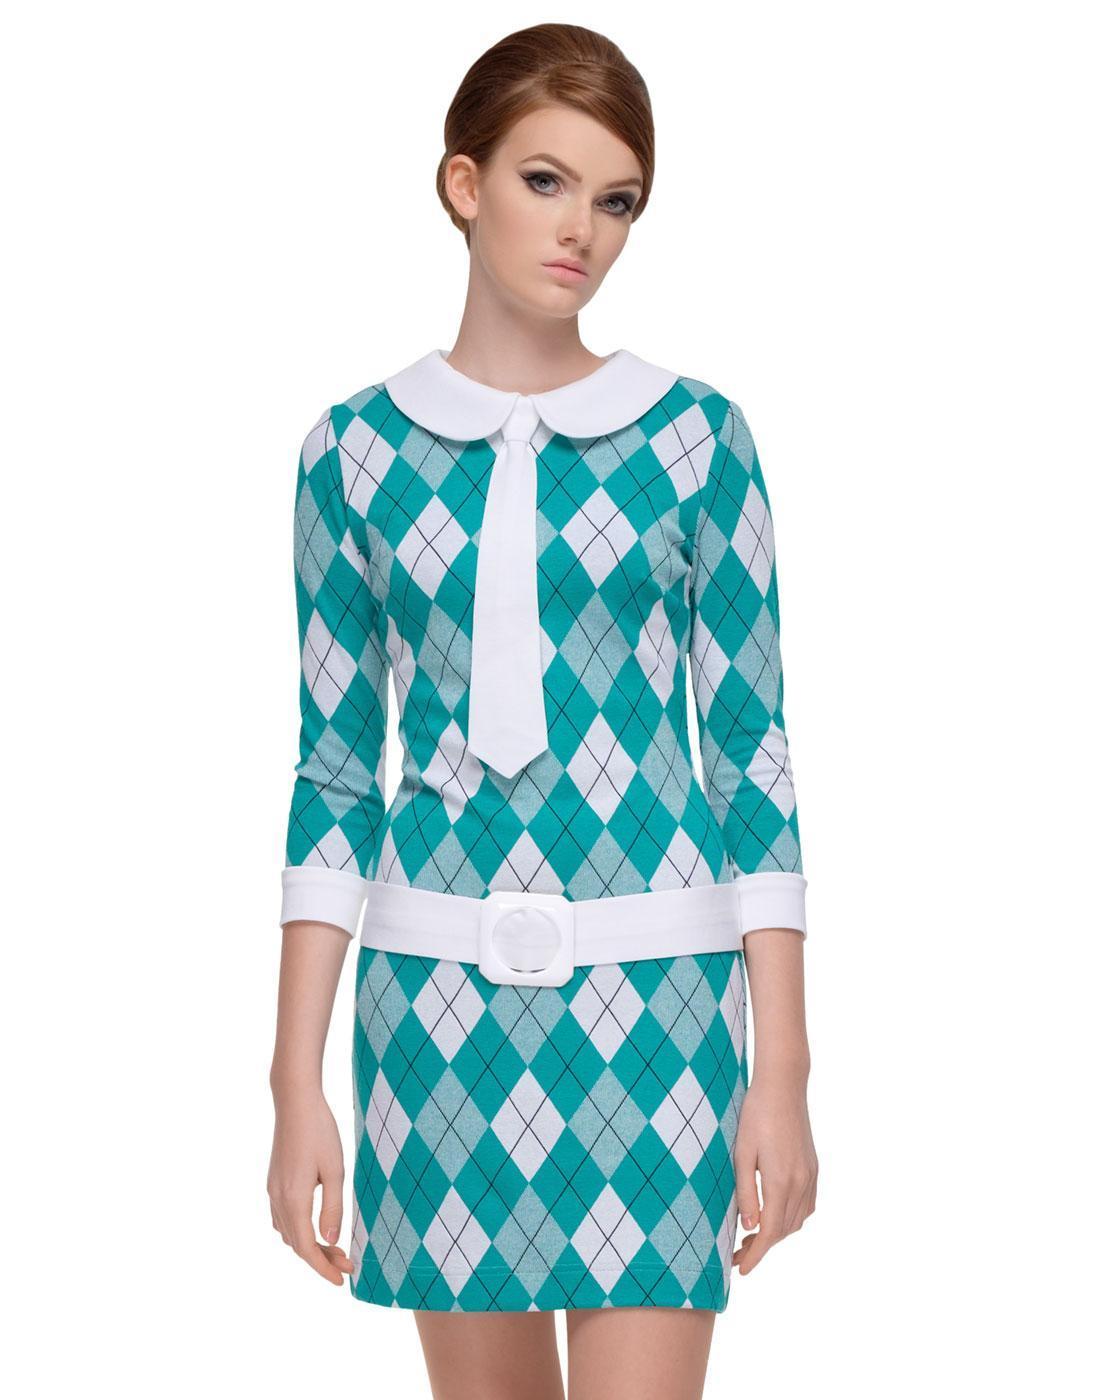 MARMALADE Retro 60s Argyle Mod Tie Dress Green